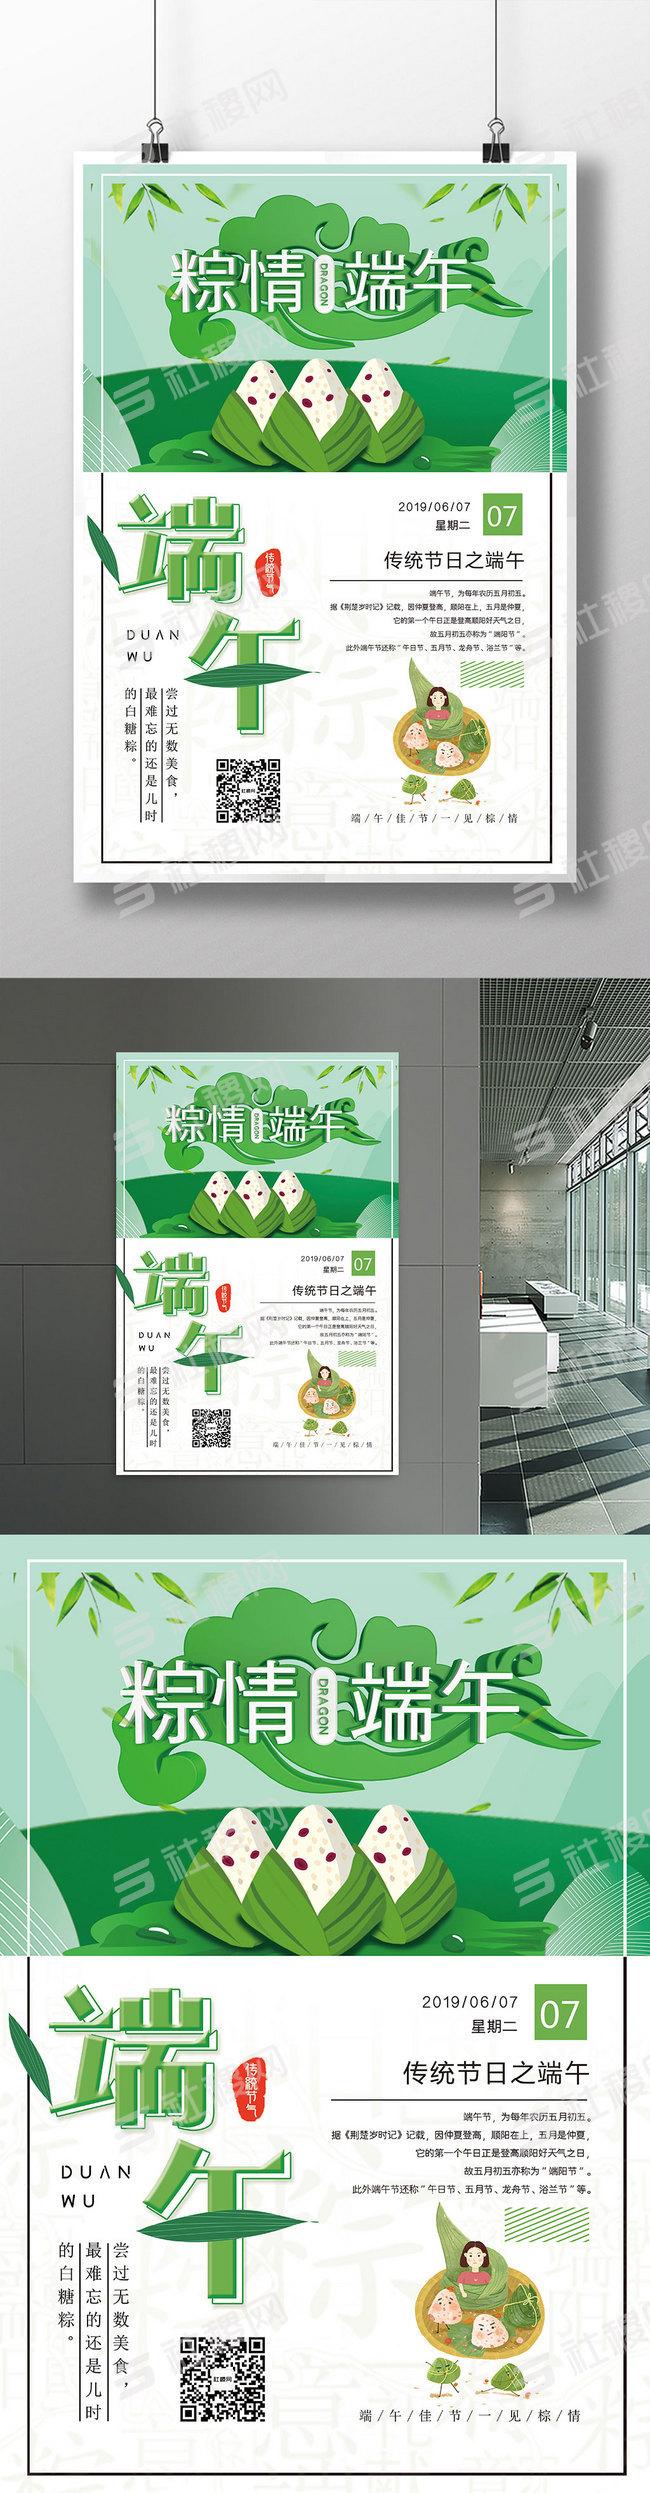 传统节日卡通端午节海报